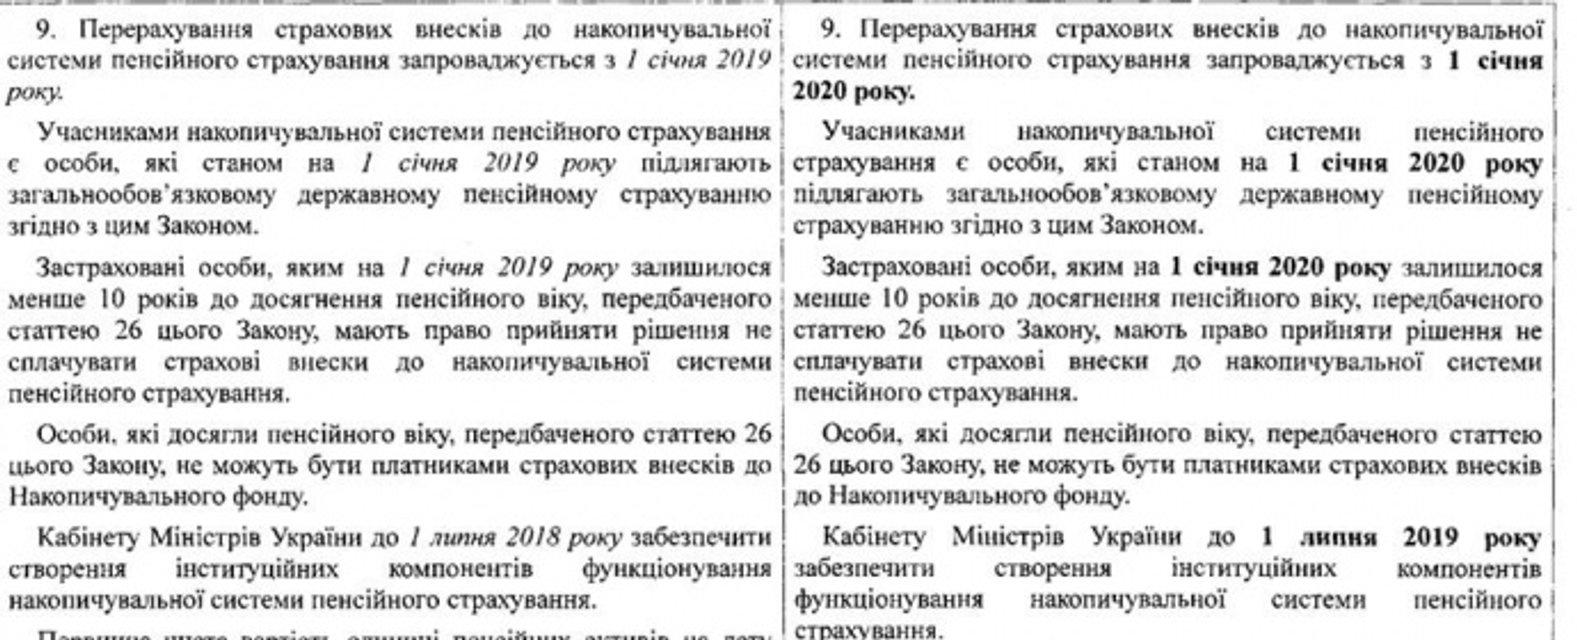 В Украине не будут вводить накопительное начисления пенсий в 2019 году - фото 159372